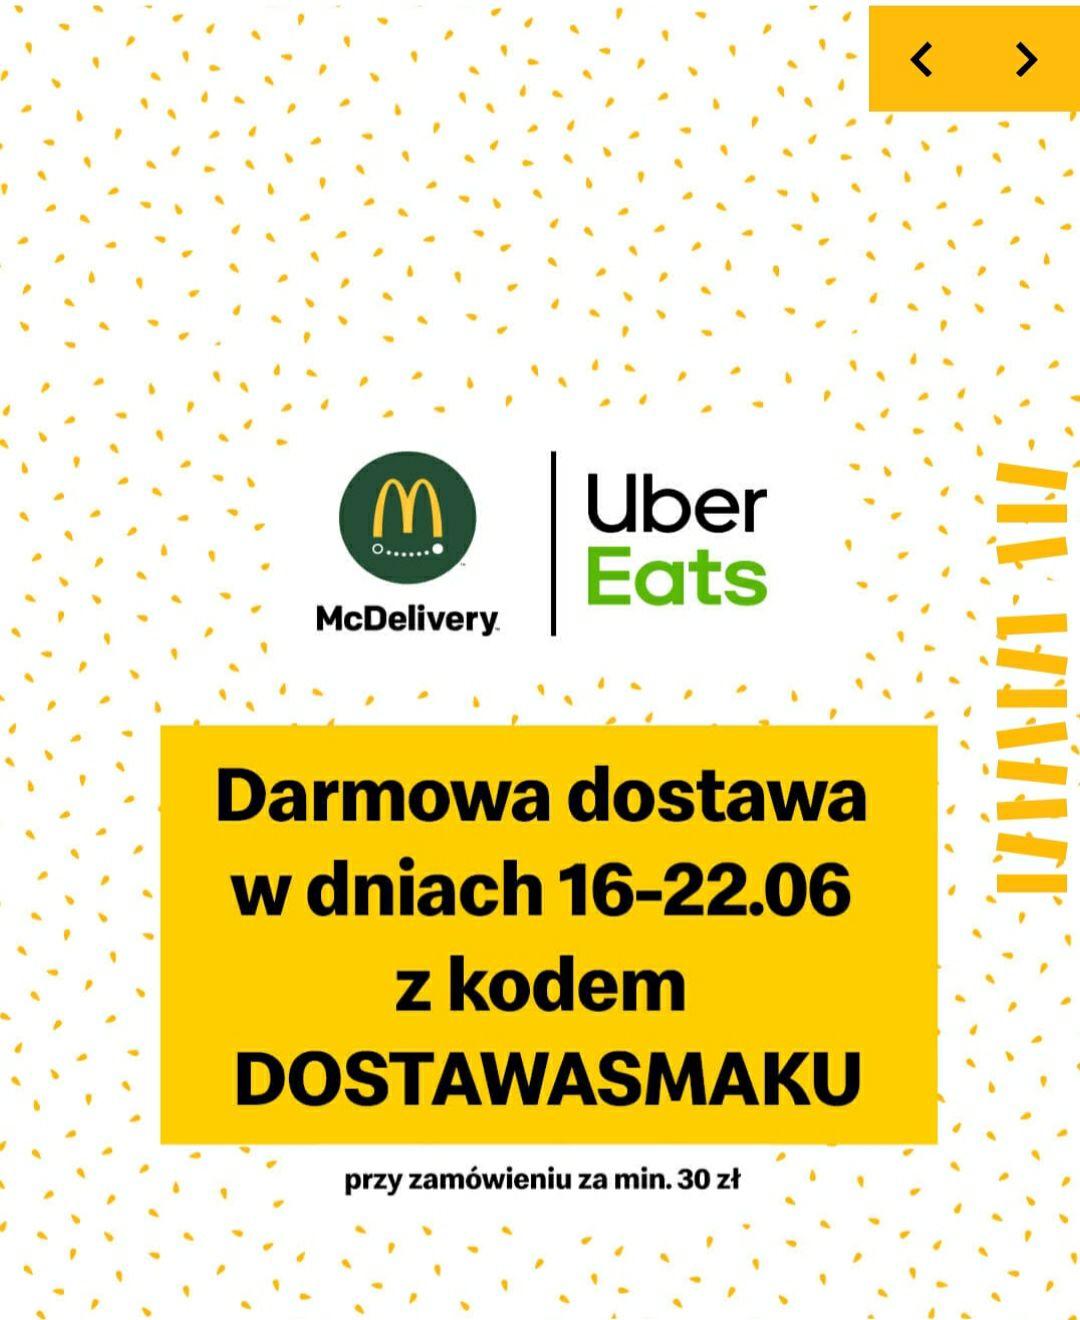 Darmowa dostawa UberEats